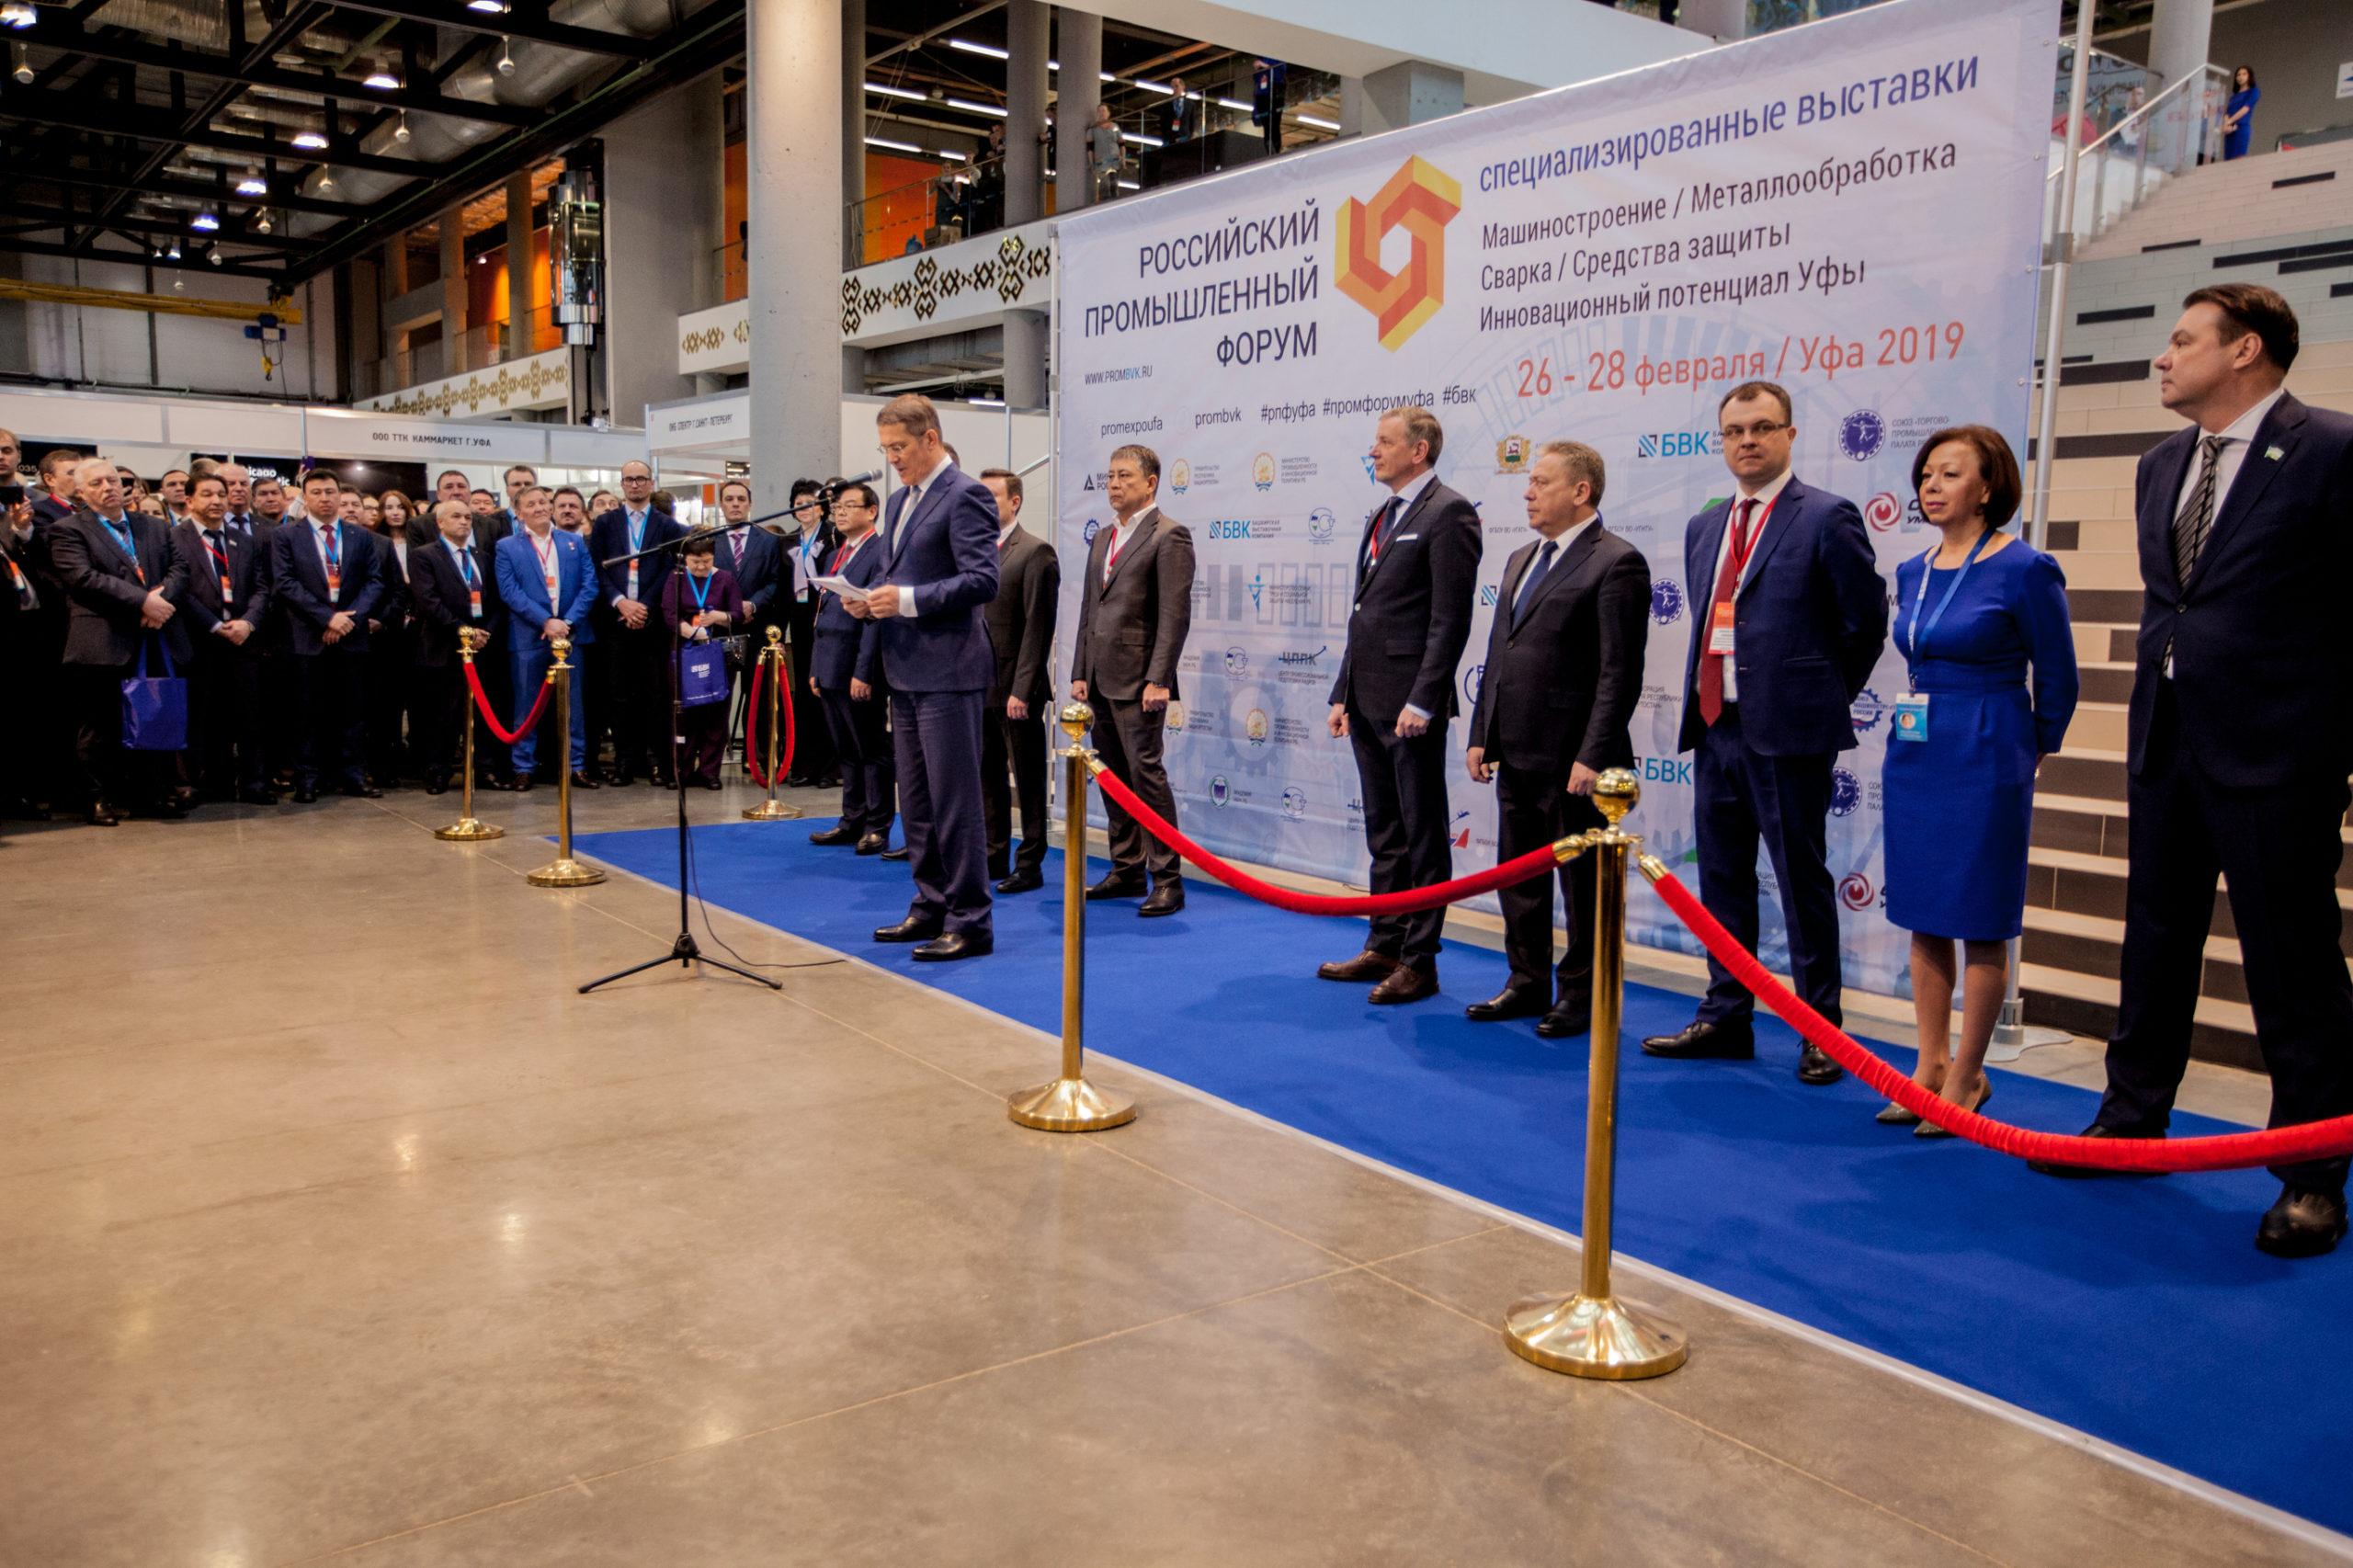 Состоялось официальное открытие «Российского промышленного форума»